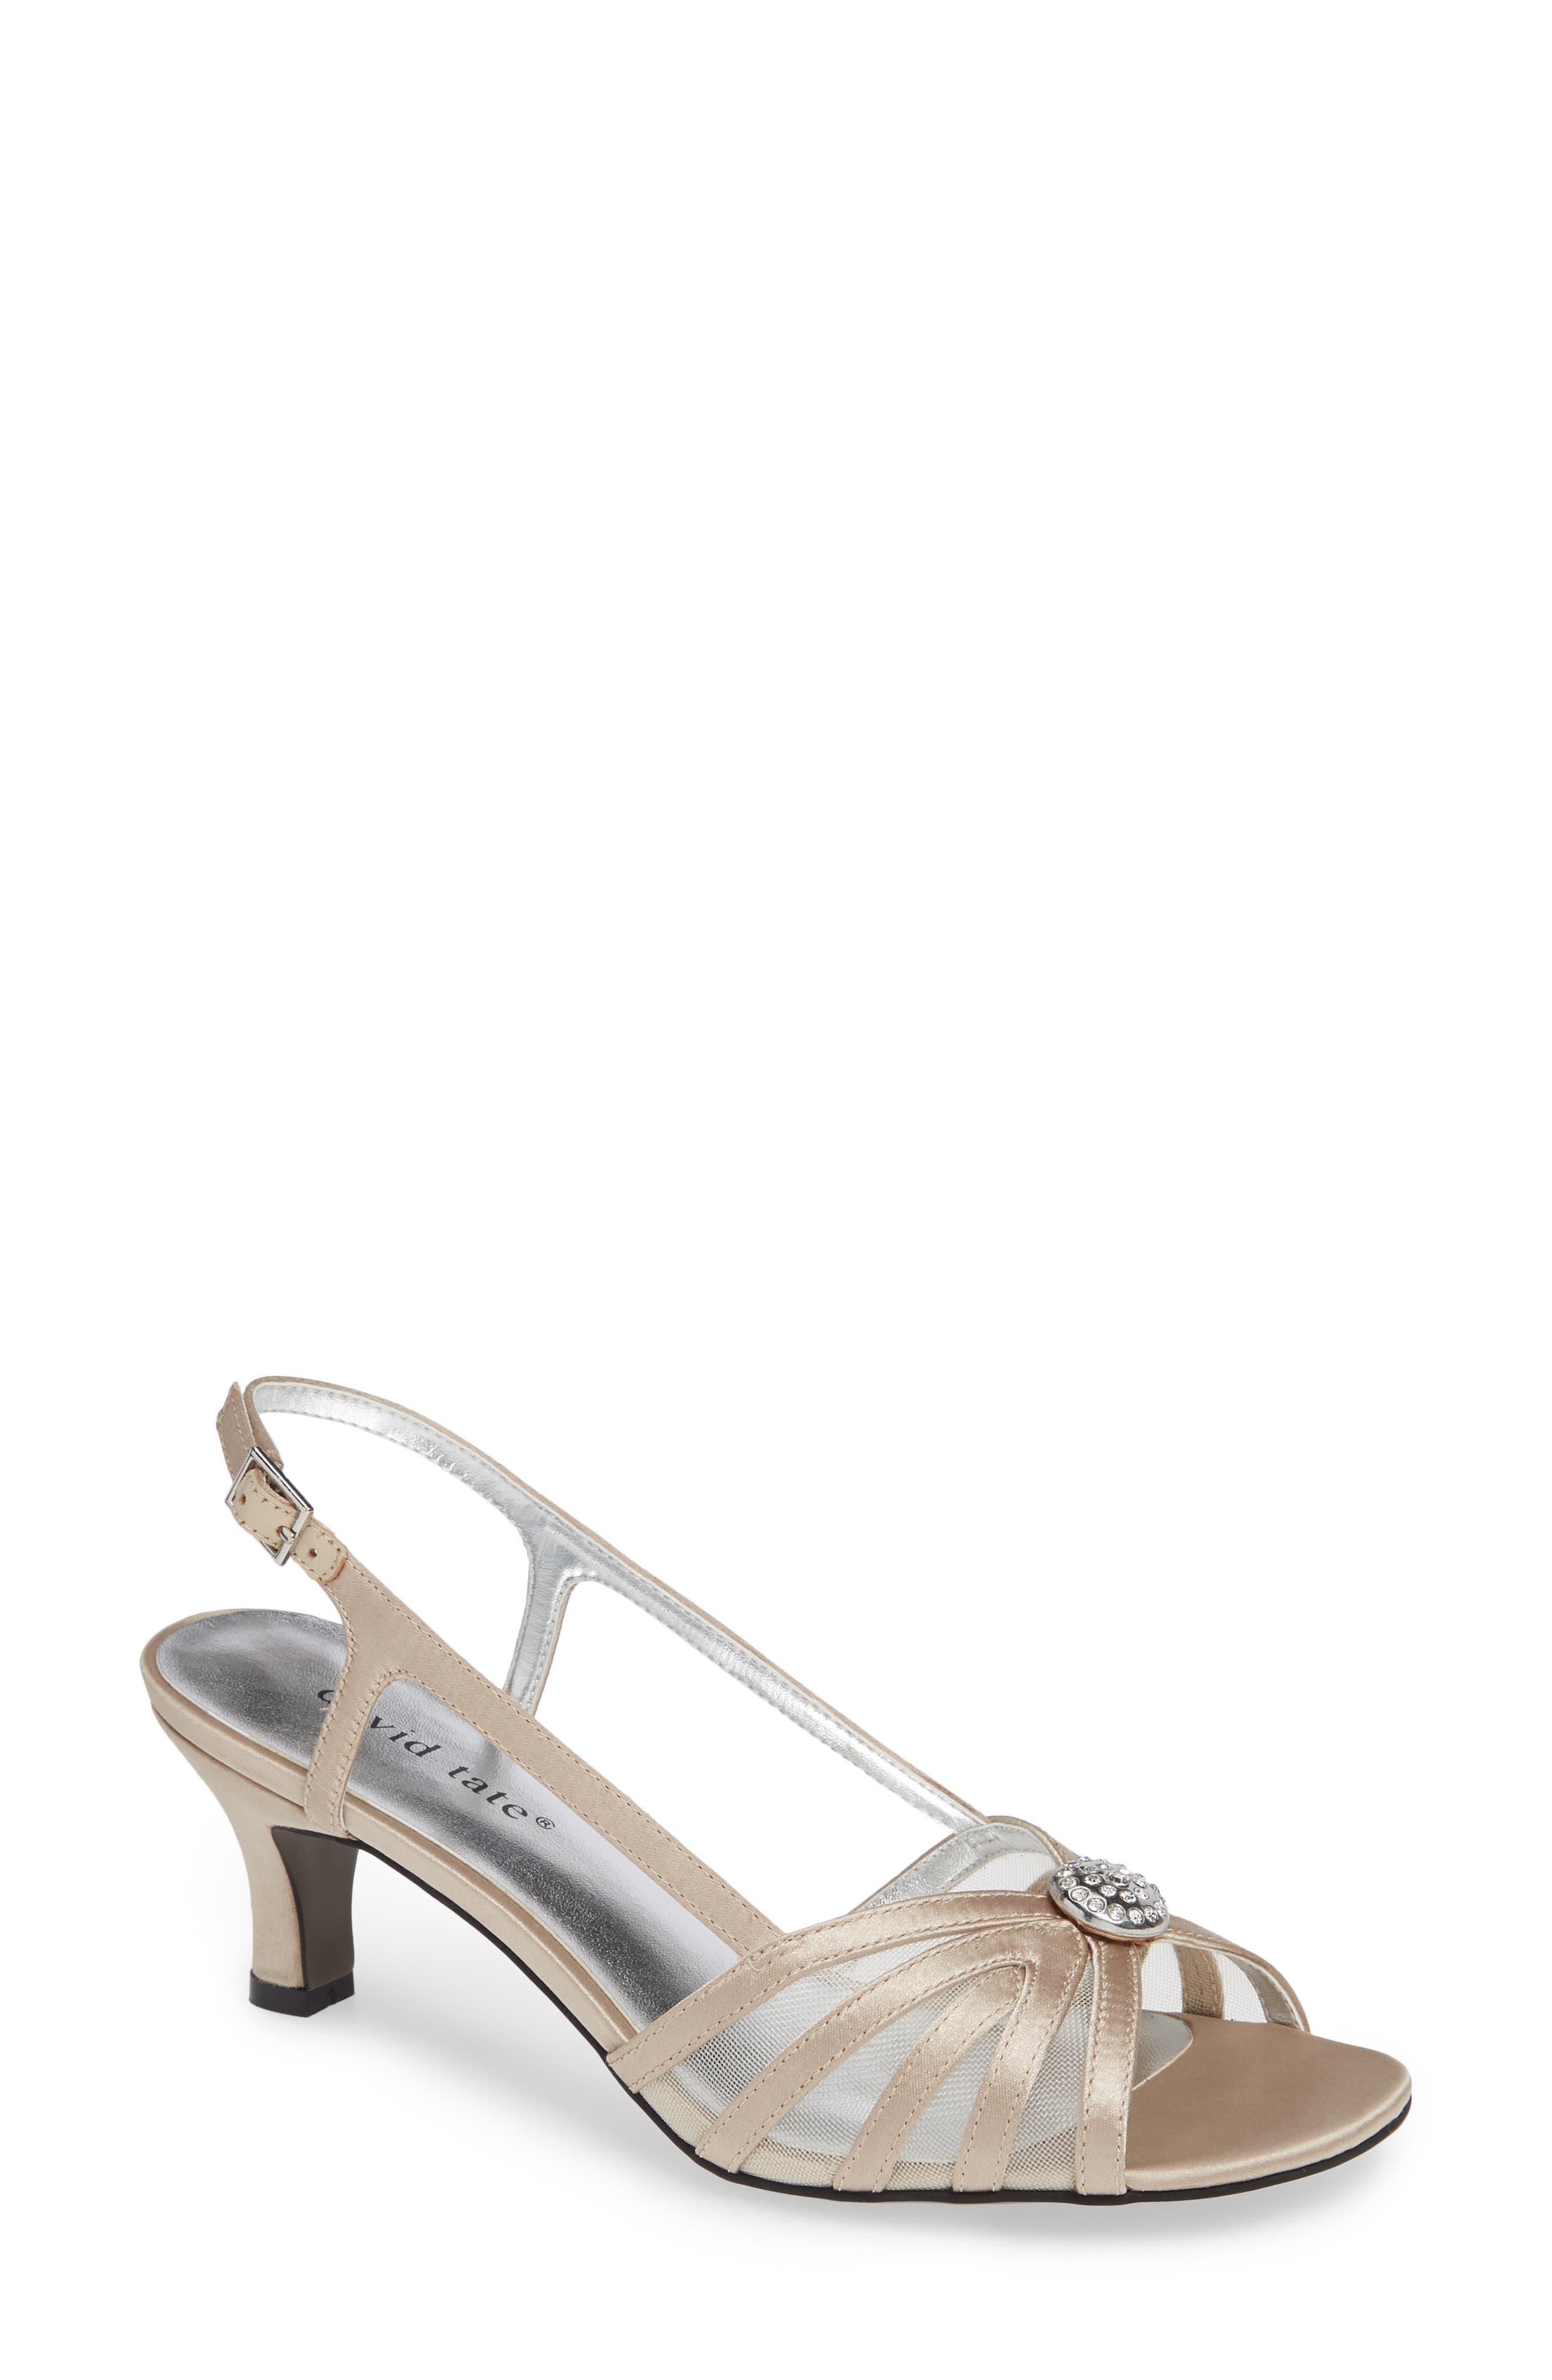 David Tate Cheer Sandal, Metallic